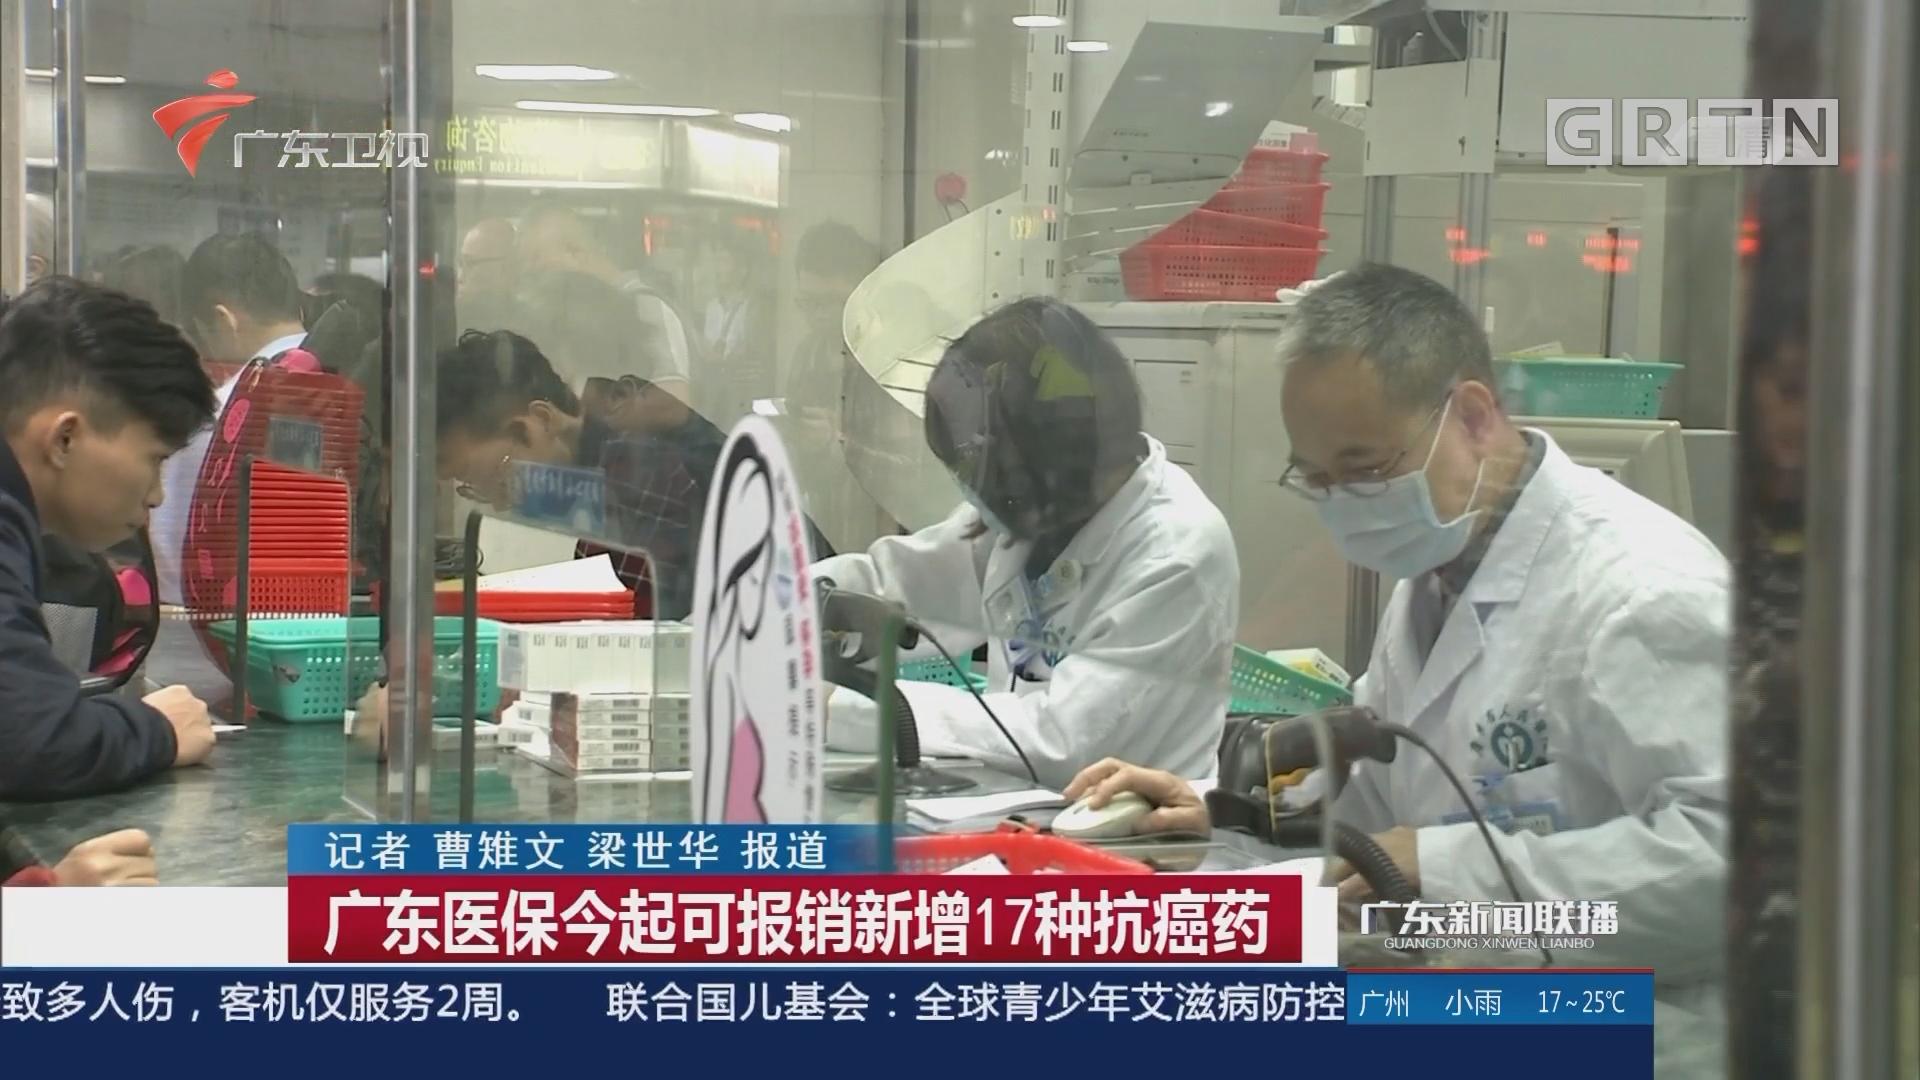 广东医保今起可报销新增17种抗癌药